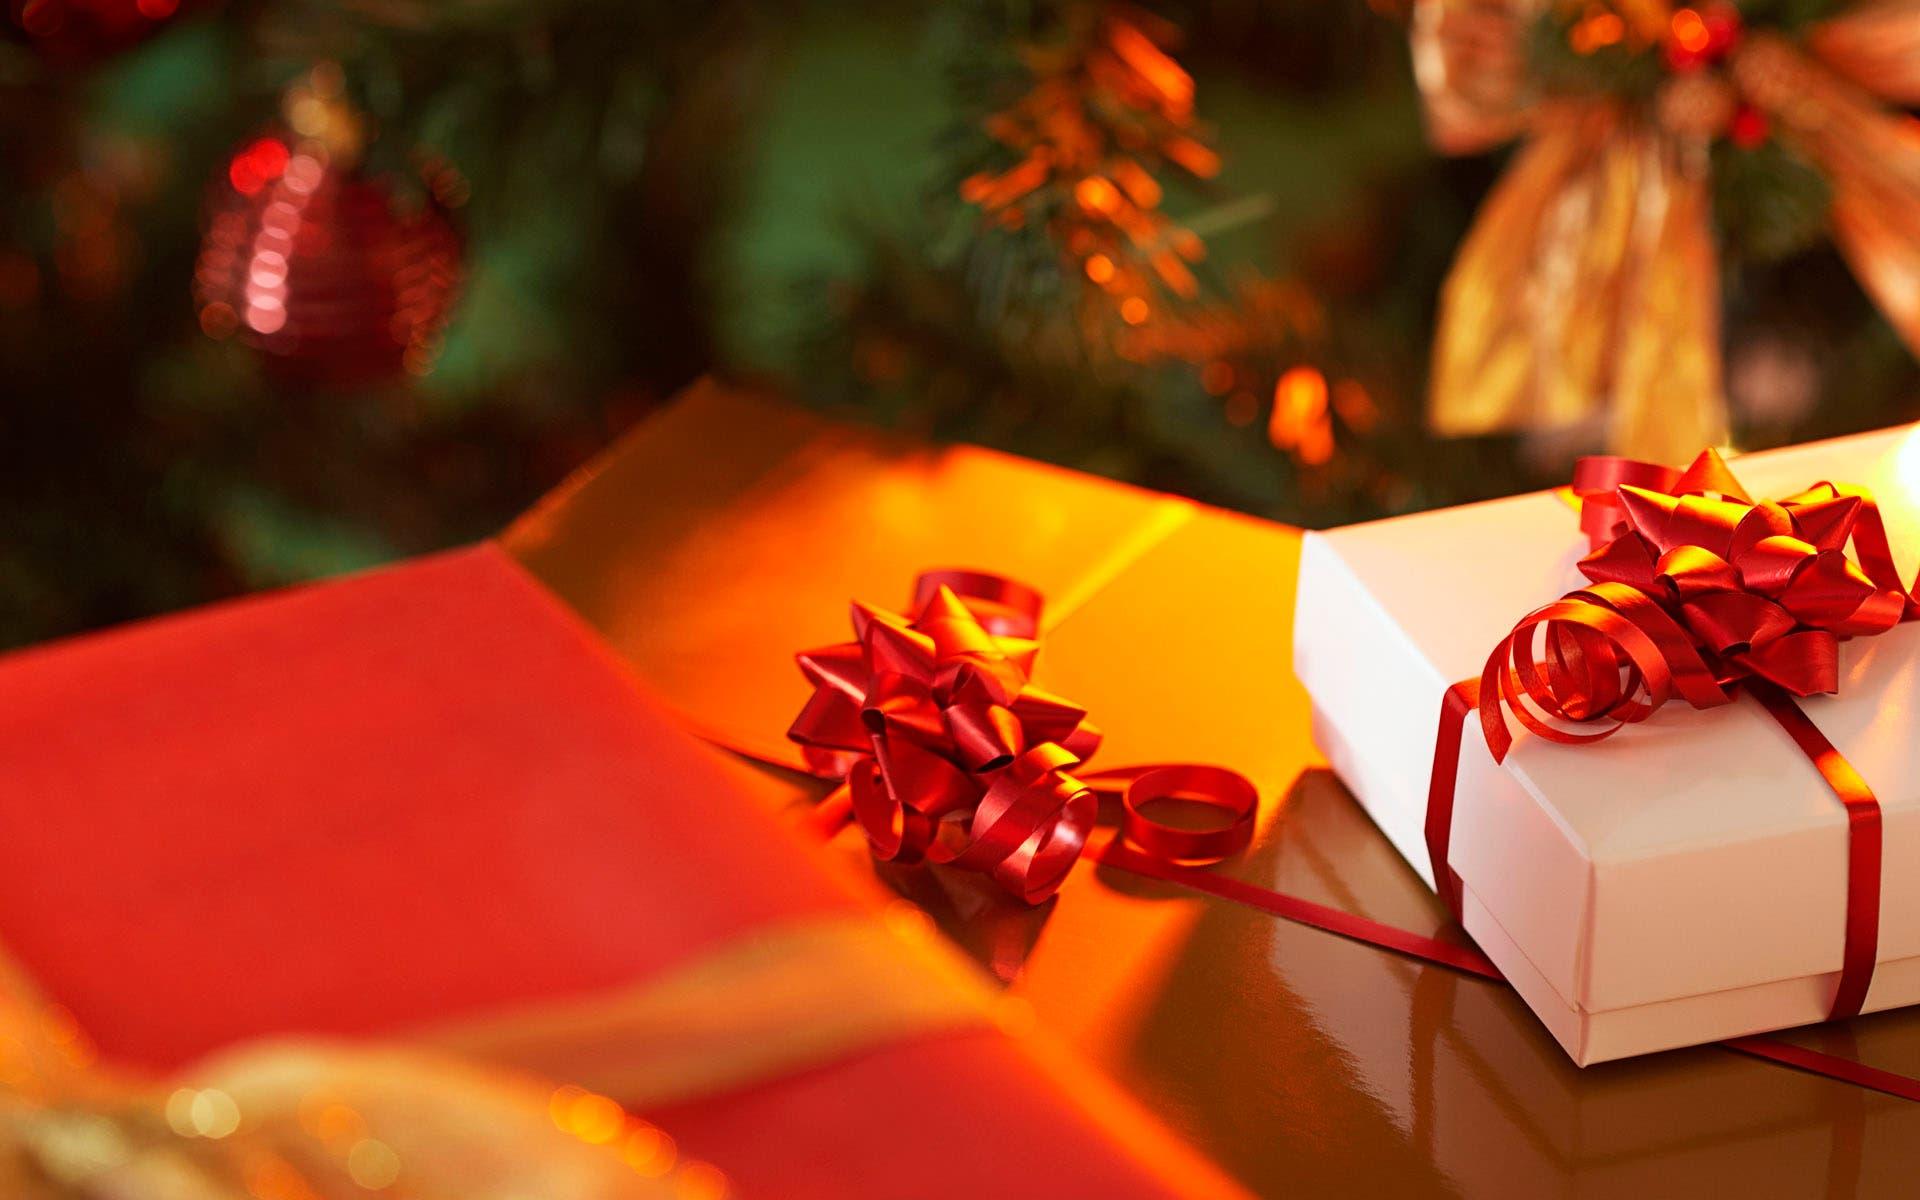 Te decimos 10 consejos para ahorrar dinero en los regalos de Navidad